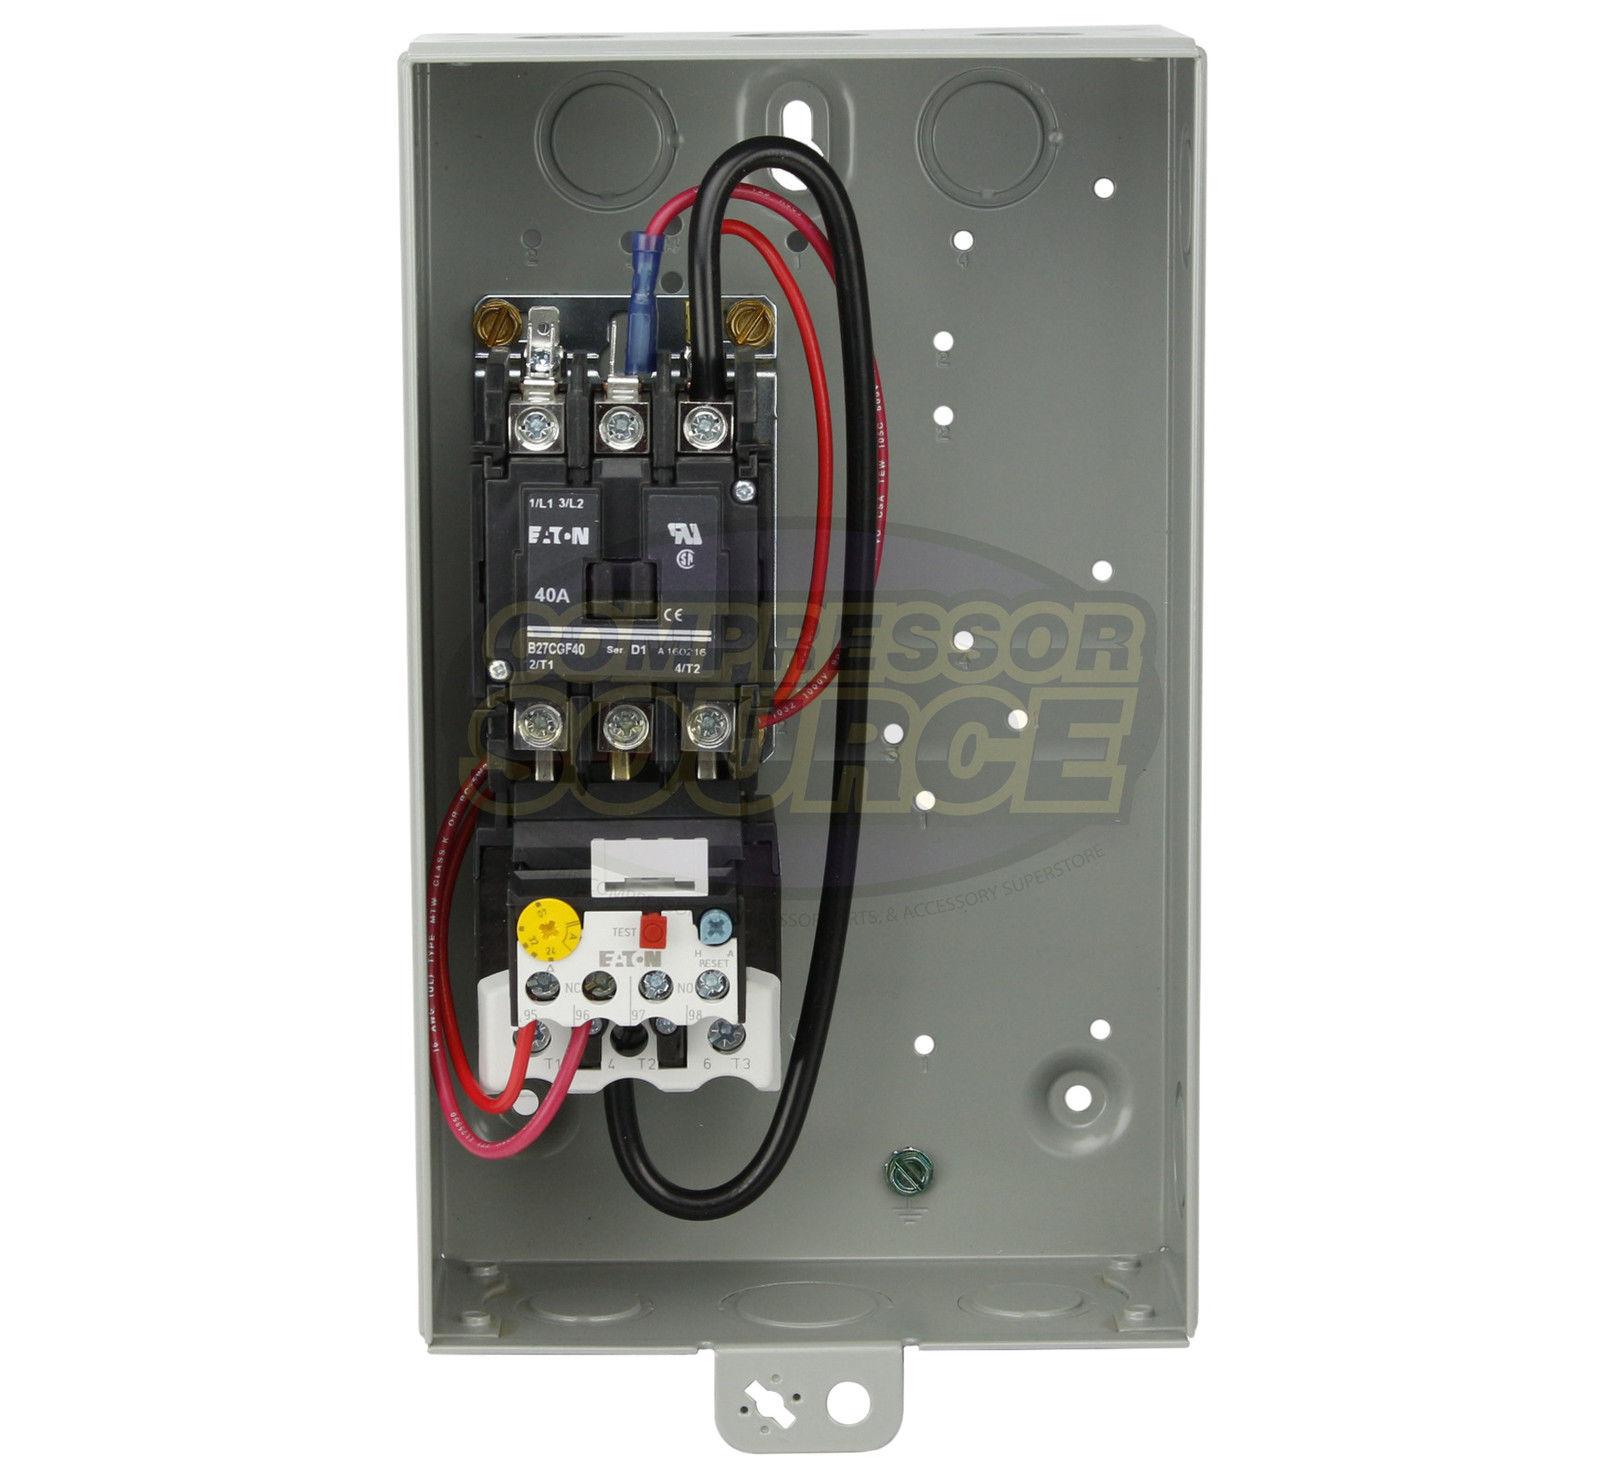 Eaton 3 Phase Starter Wiring Diagram - Automotive Wiring Schematic ... cutler hammer starter mariossektor.de